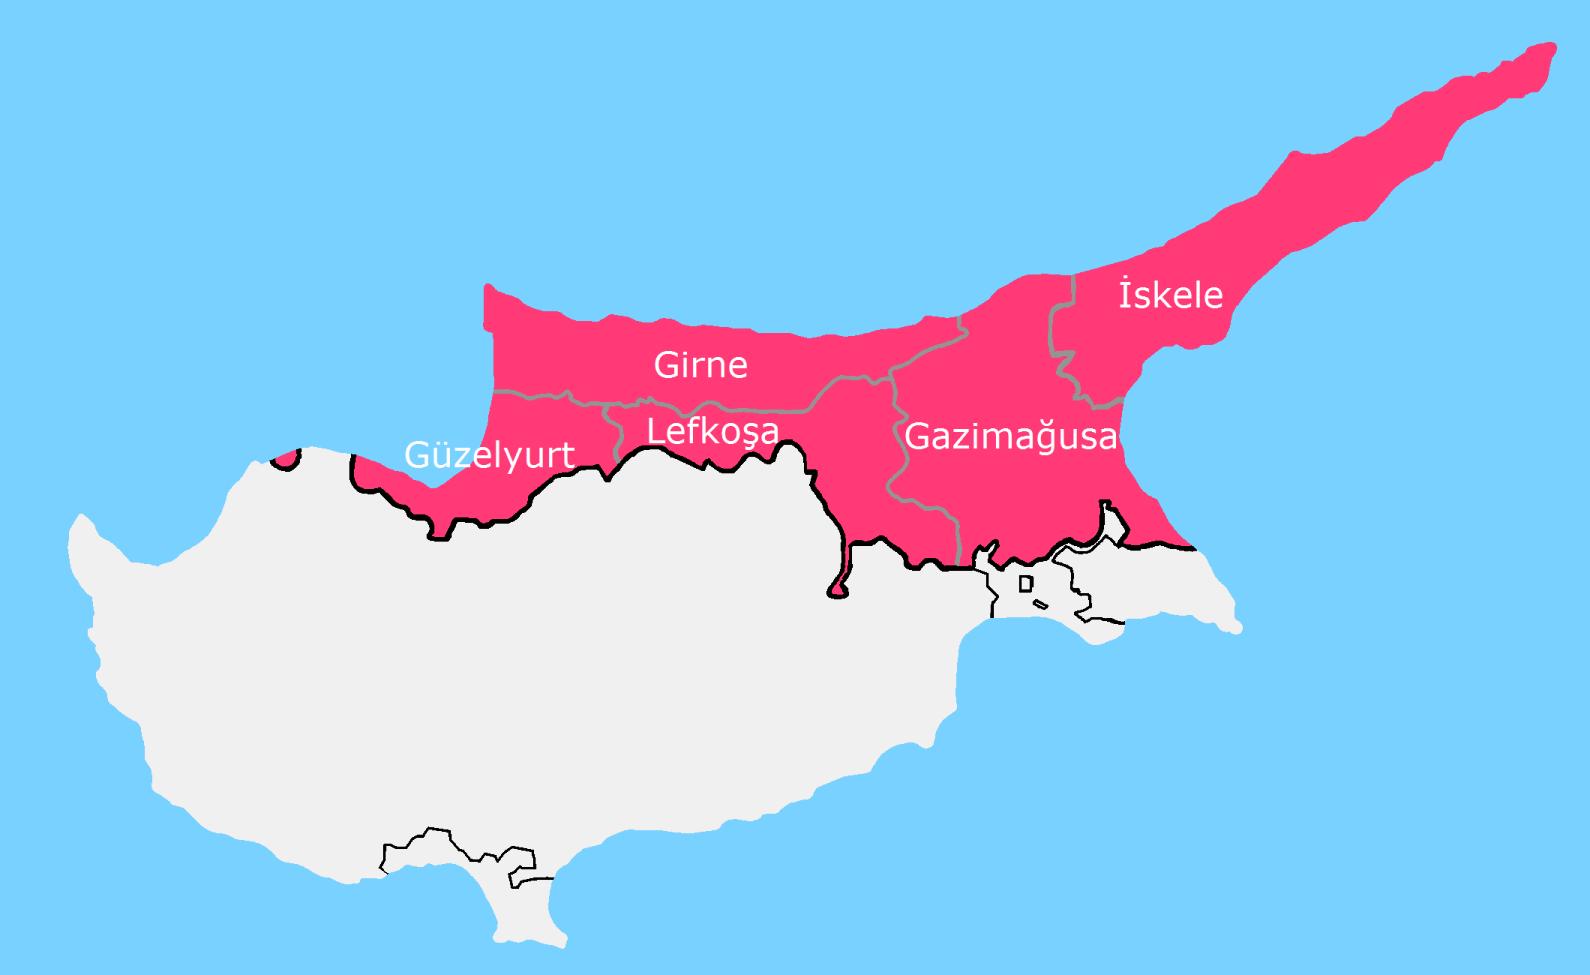 Kıbrısa ne kadar sürecek. Kuzey Kıbrıs